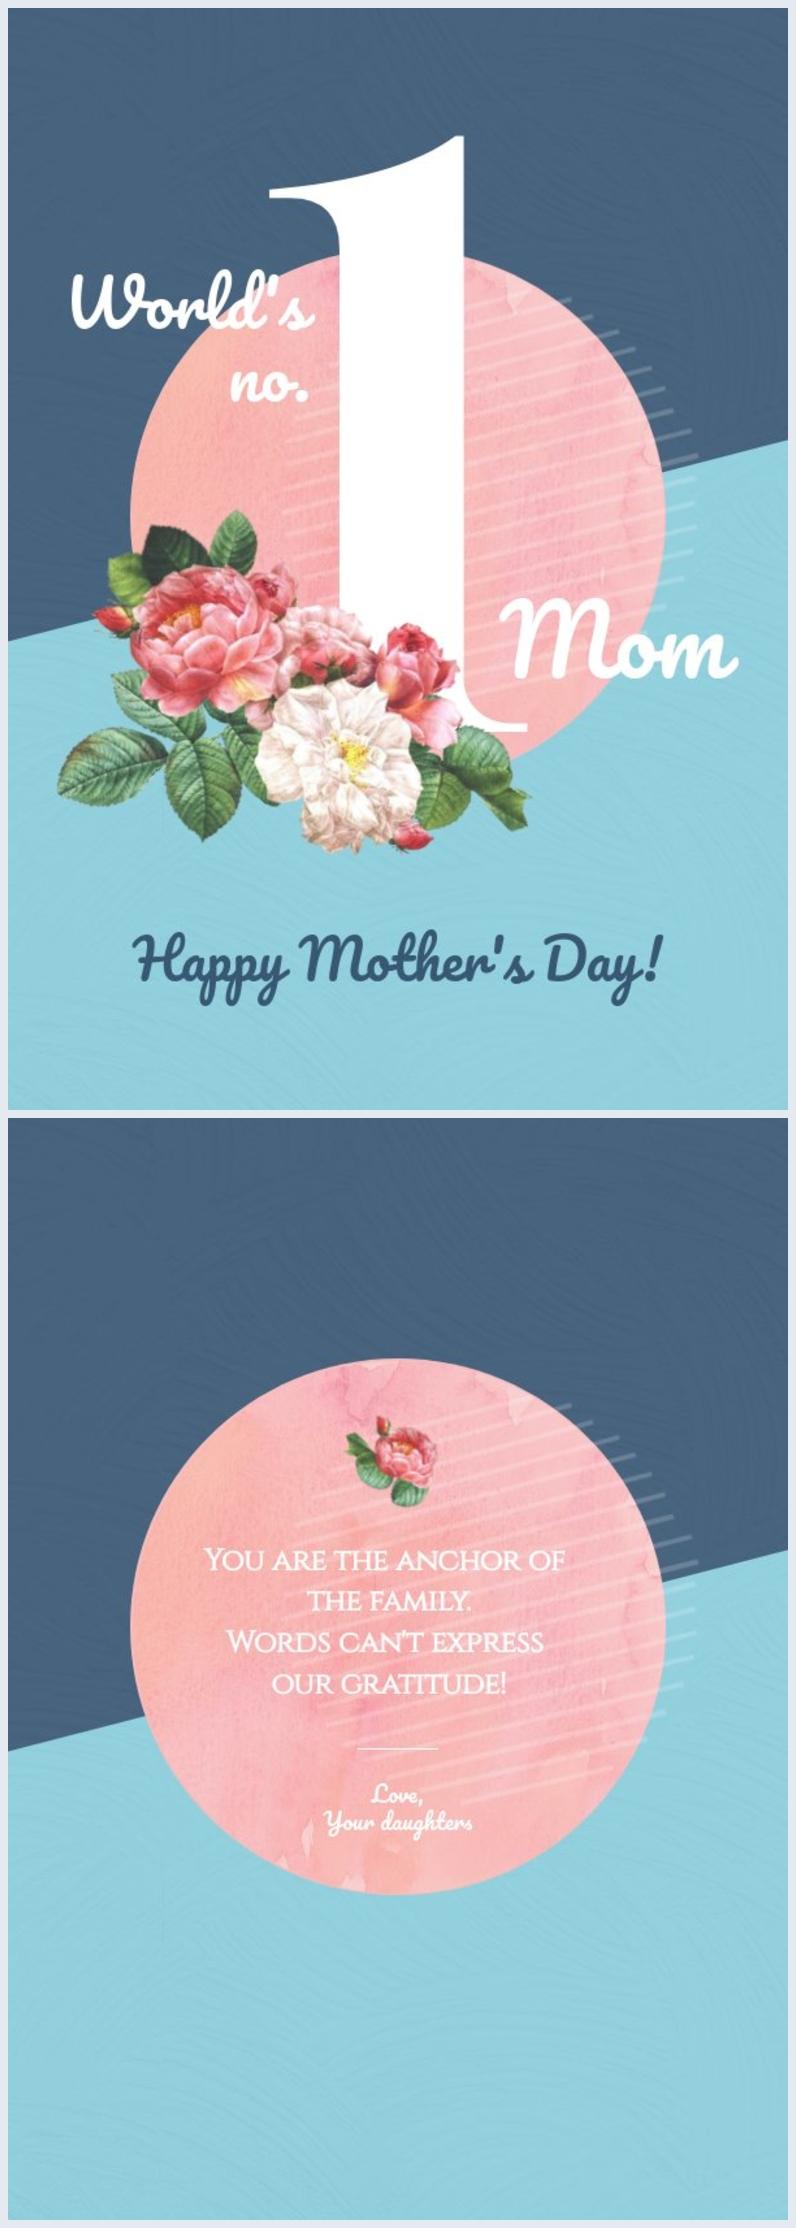 Esempio di layout creativo per biglietto della Festa della mamma